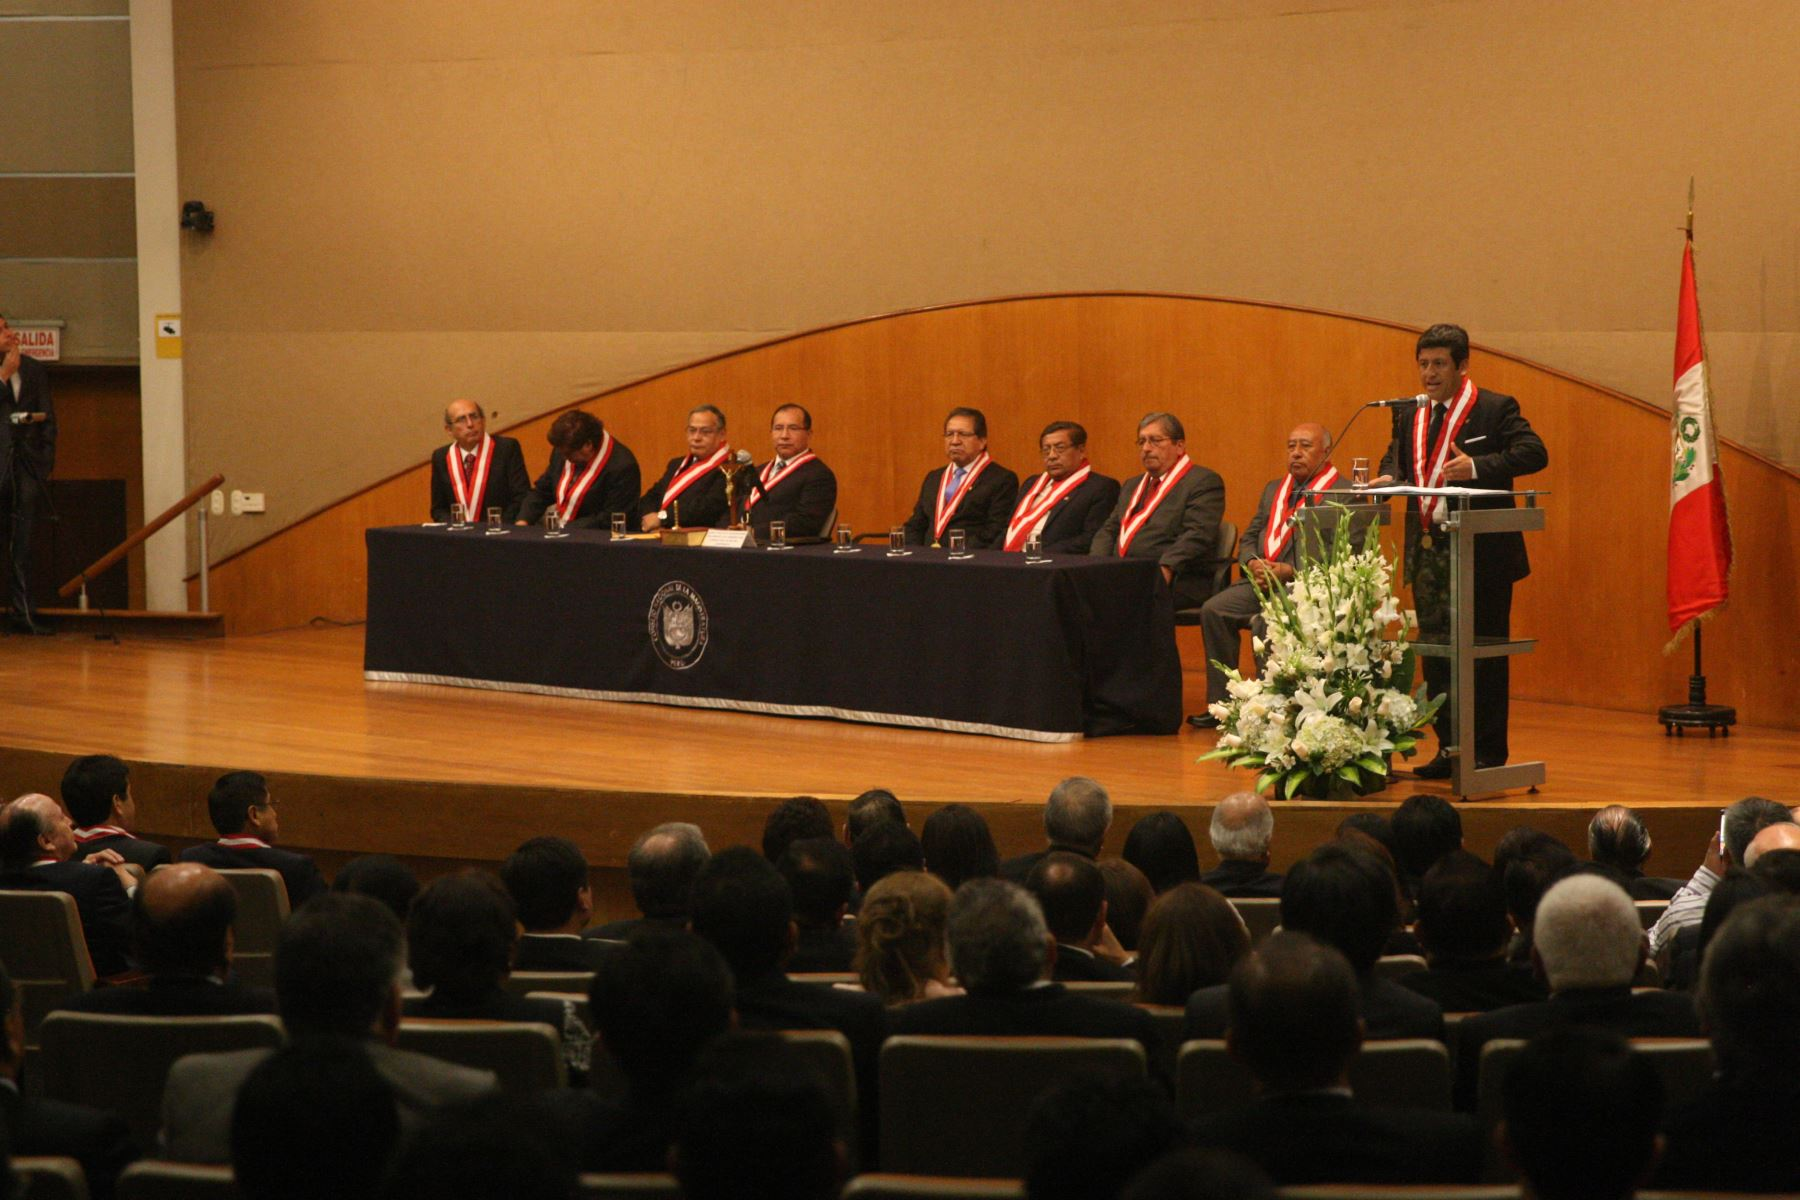 Juramentación de los magistrados supremos Cesar Hinostroza Pariachi y Tomas Gálvez Villegas. ANDINA/Héctor Vinces